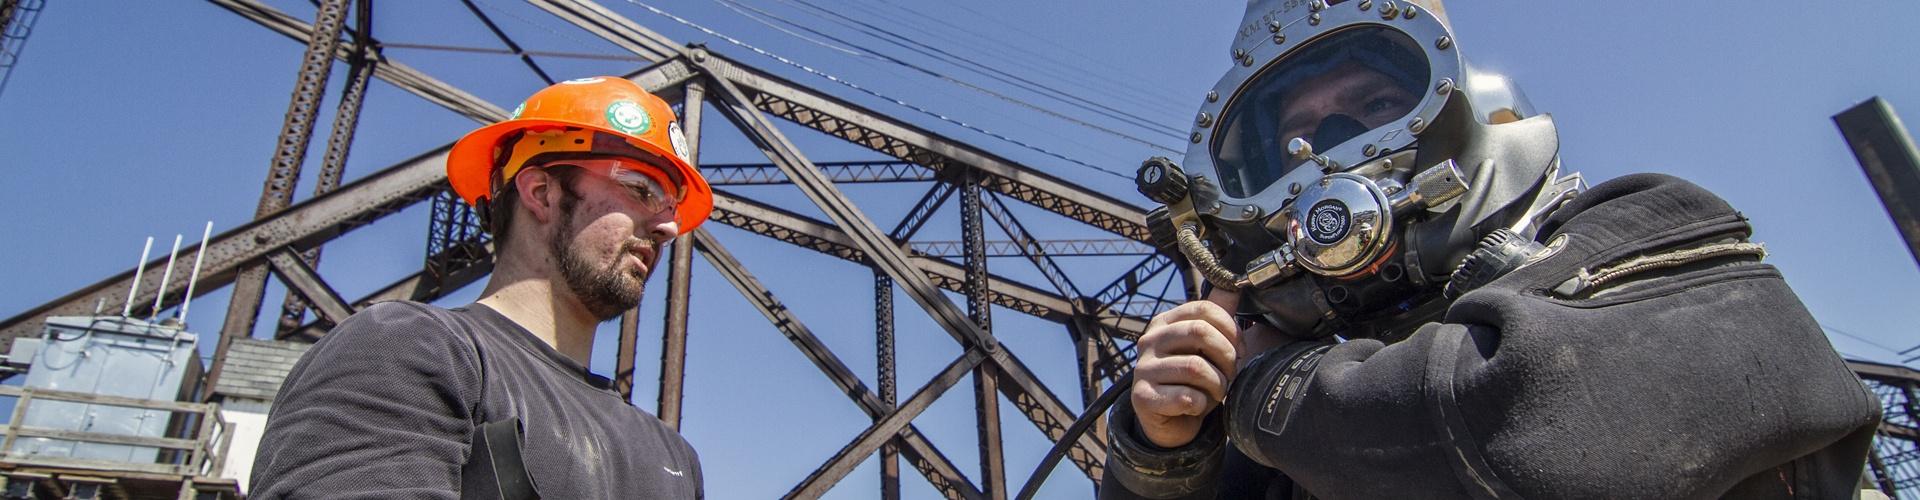 railroad construction services, underwater construction, underwater inspections, railroad bridge inspections, railroad bridge construction, pier repairs, underwater pier repairs